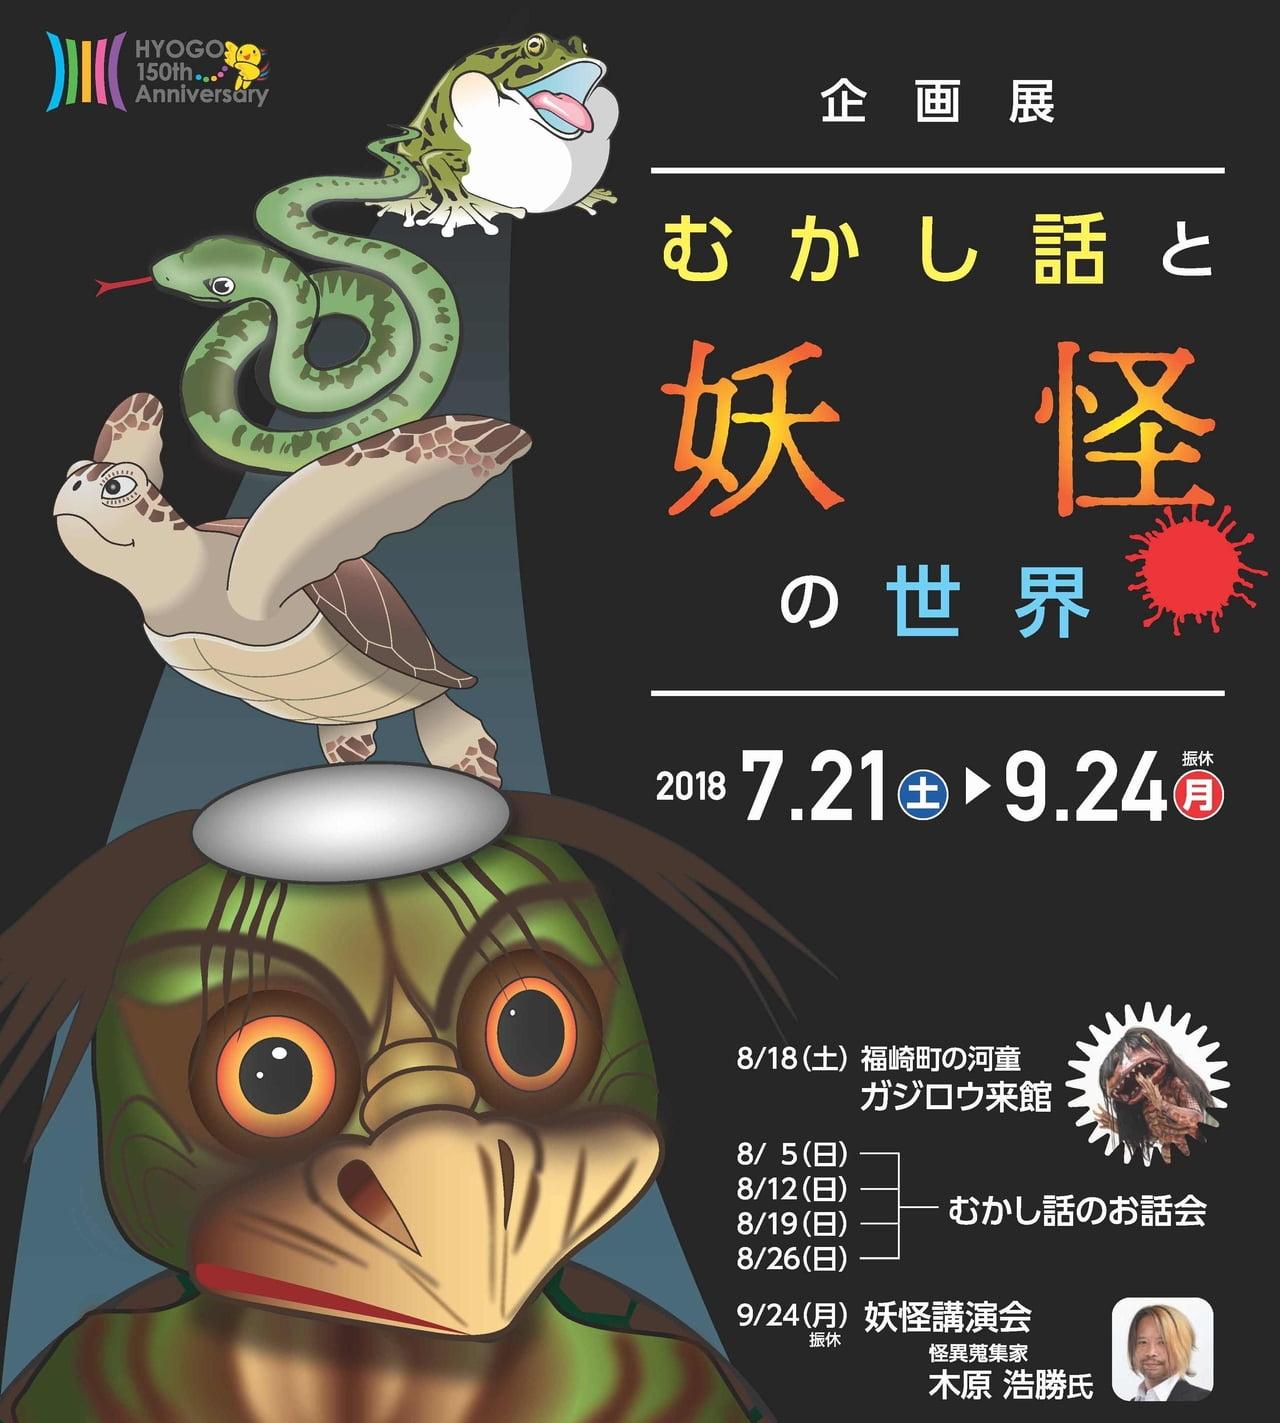 河童のミイラやガジロウに会える!姫路市立水族館「むかし話と妖怪の世界」2018年